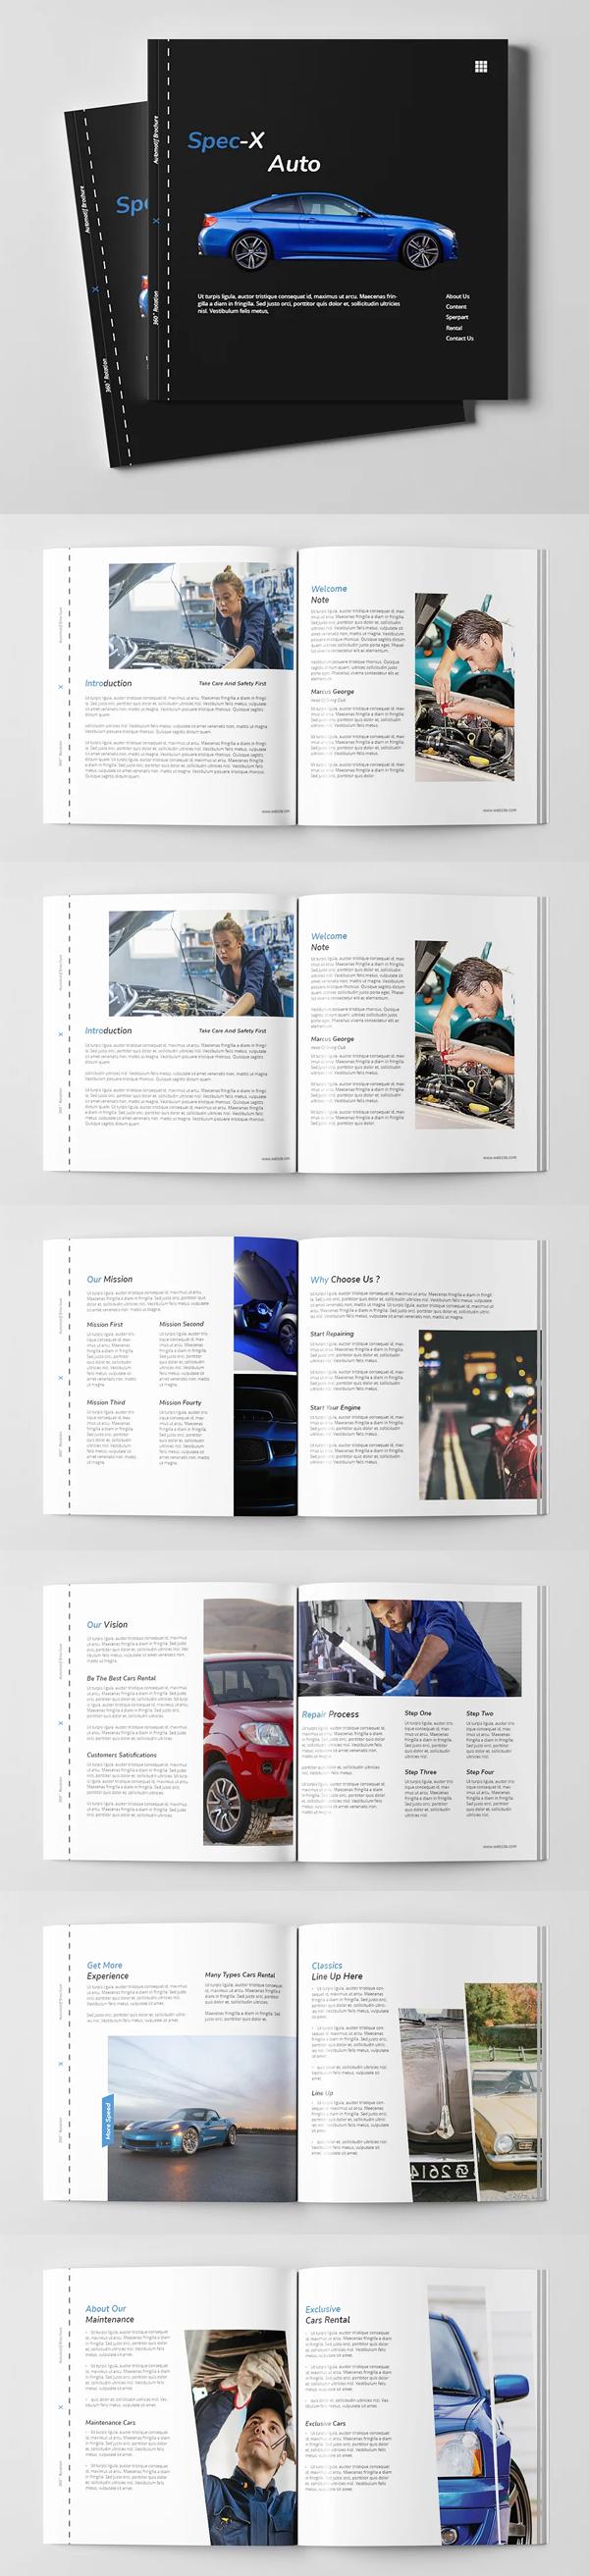 Spec-x Auto Brochure Square Template